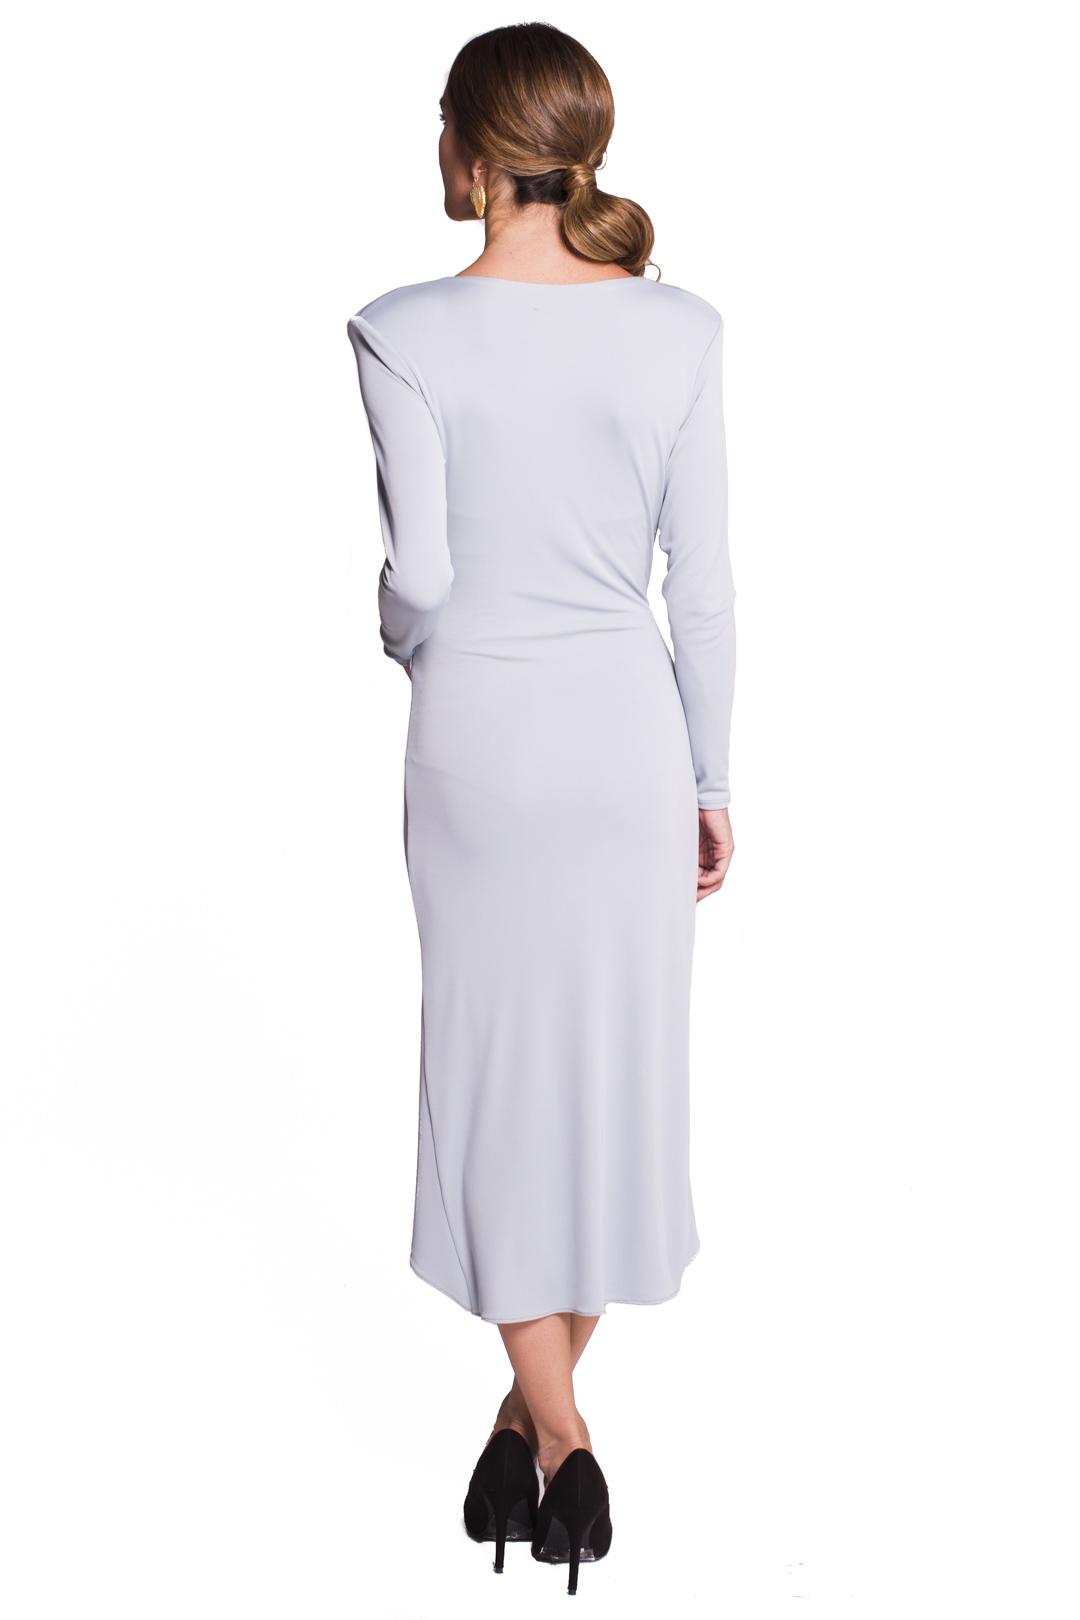 left - Vestido Midleton Grey